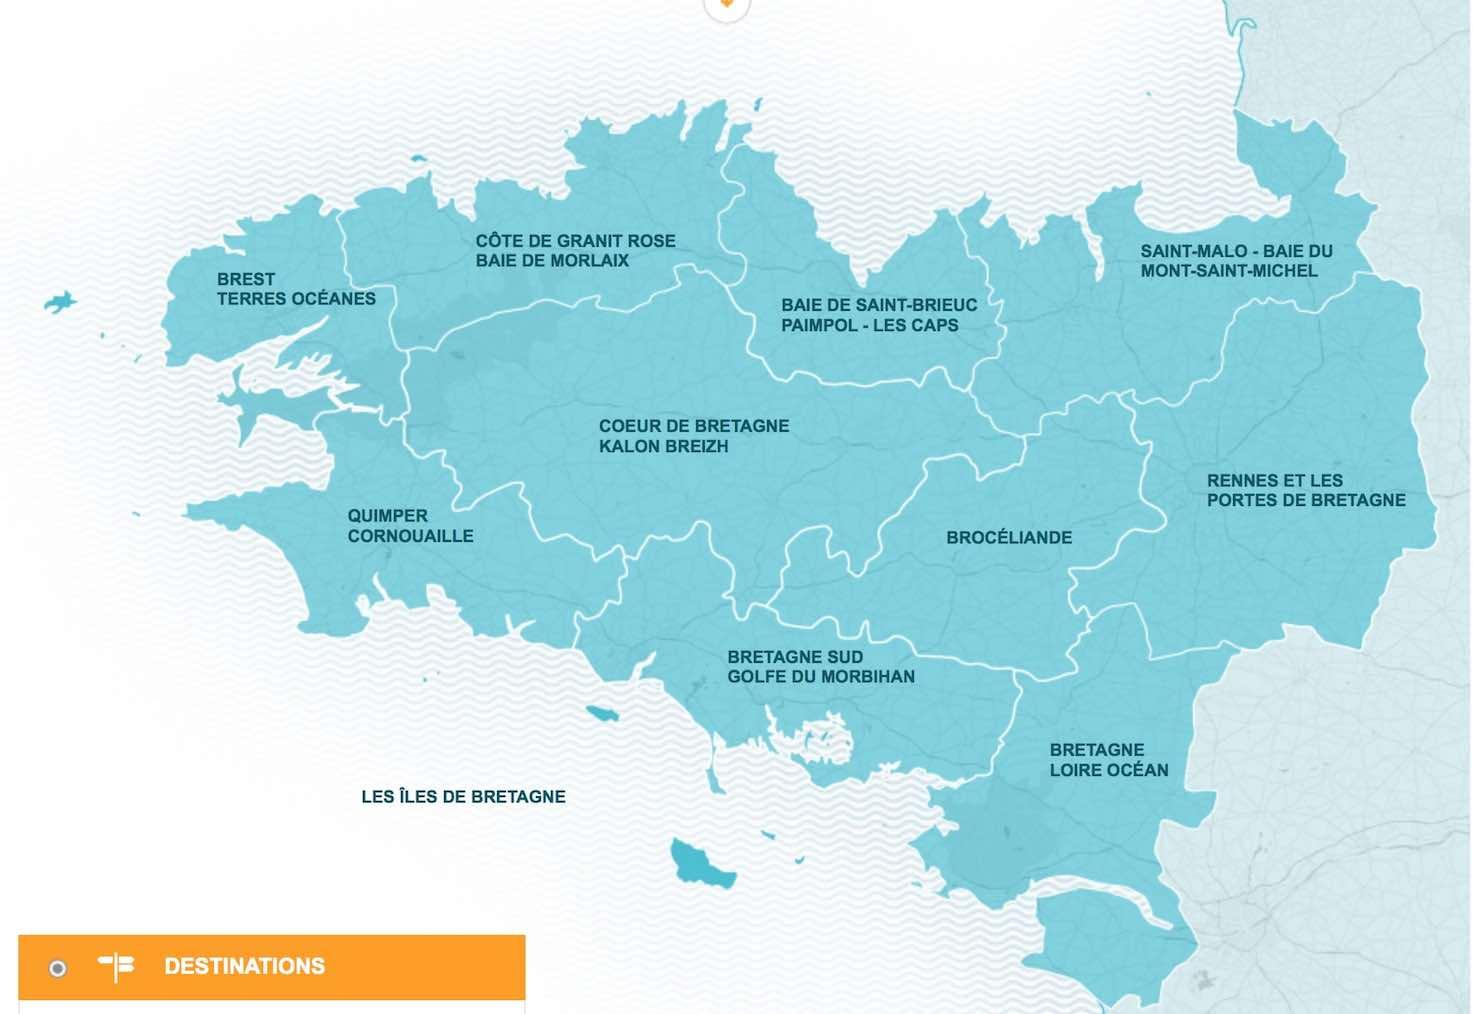 Carte Bretagne Broceliande.Carte 10 Destinations Touristiques Pour La Bretagne